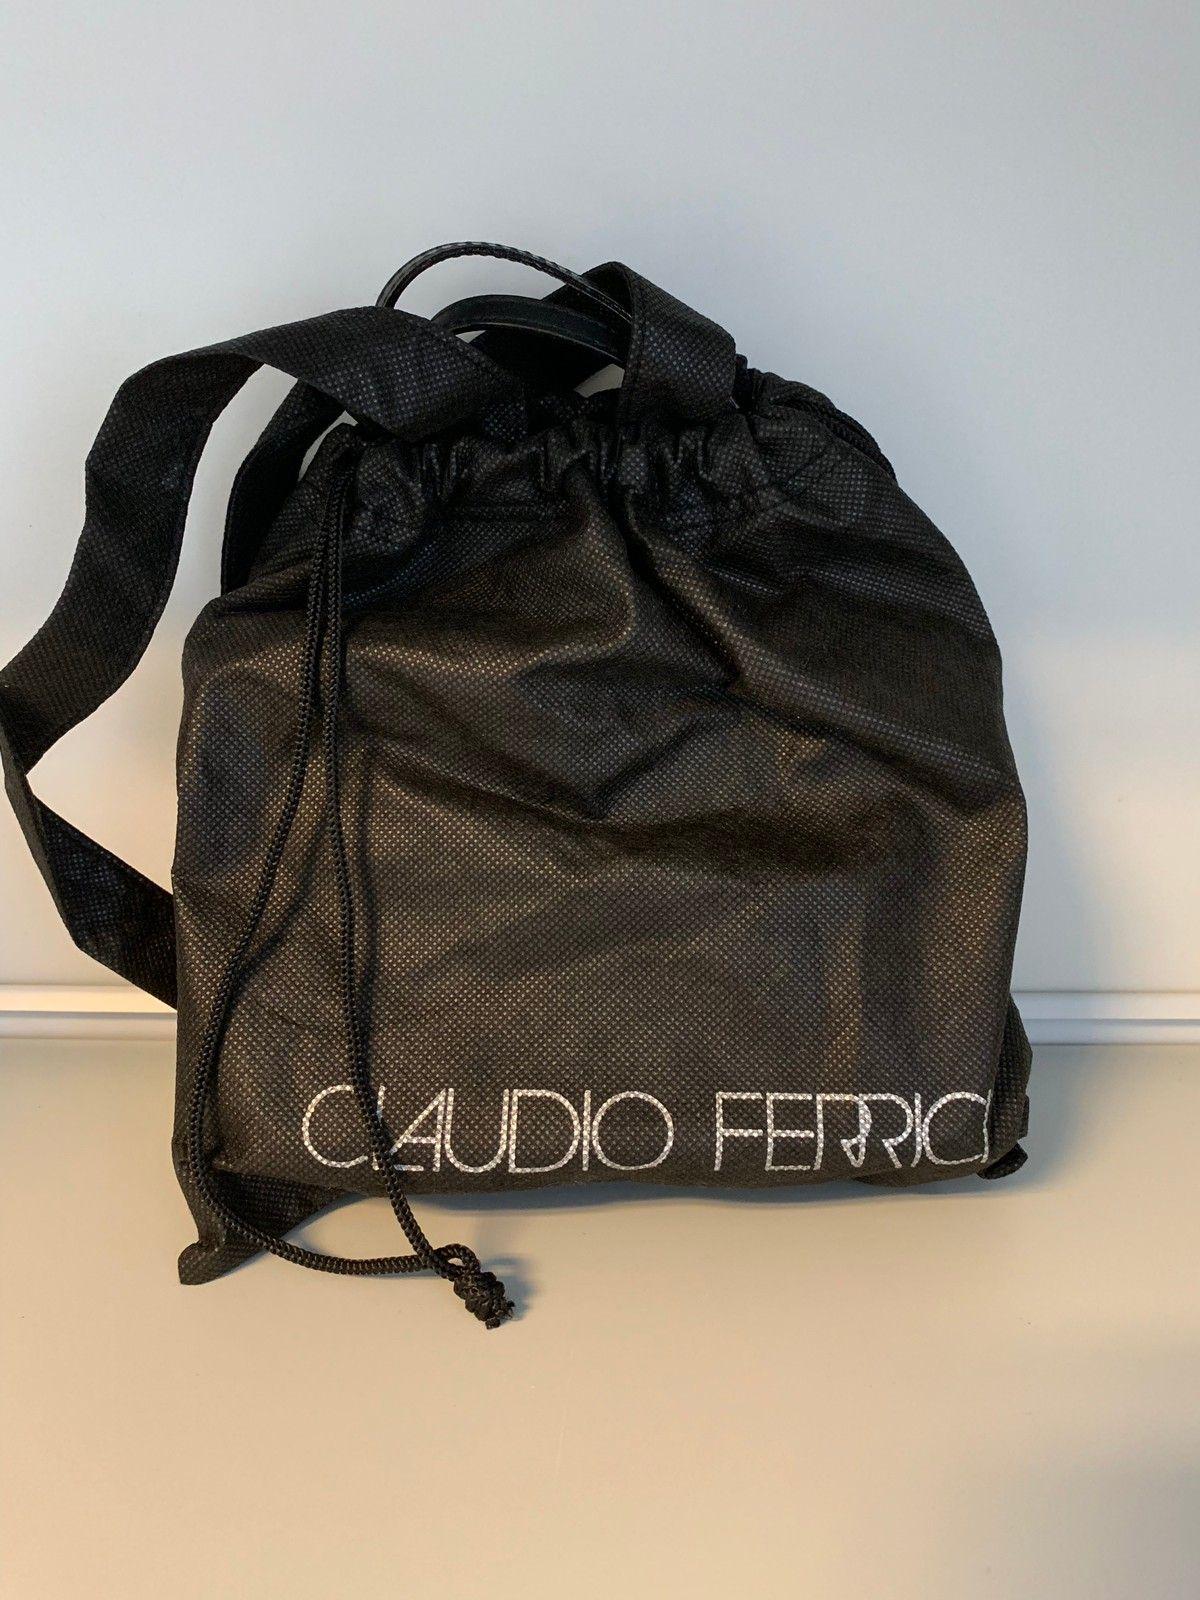 Liten Claudio Ferrici skinn veske med håndtak. | FINN.no